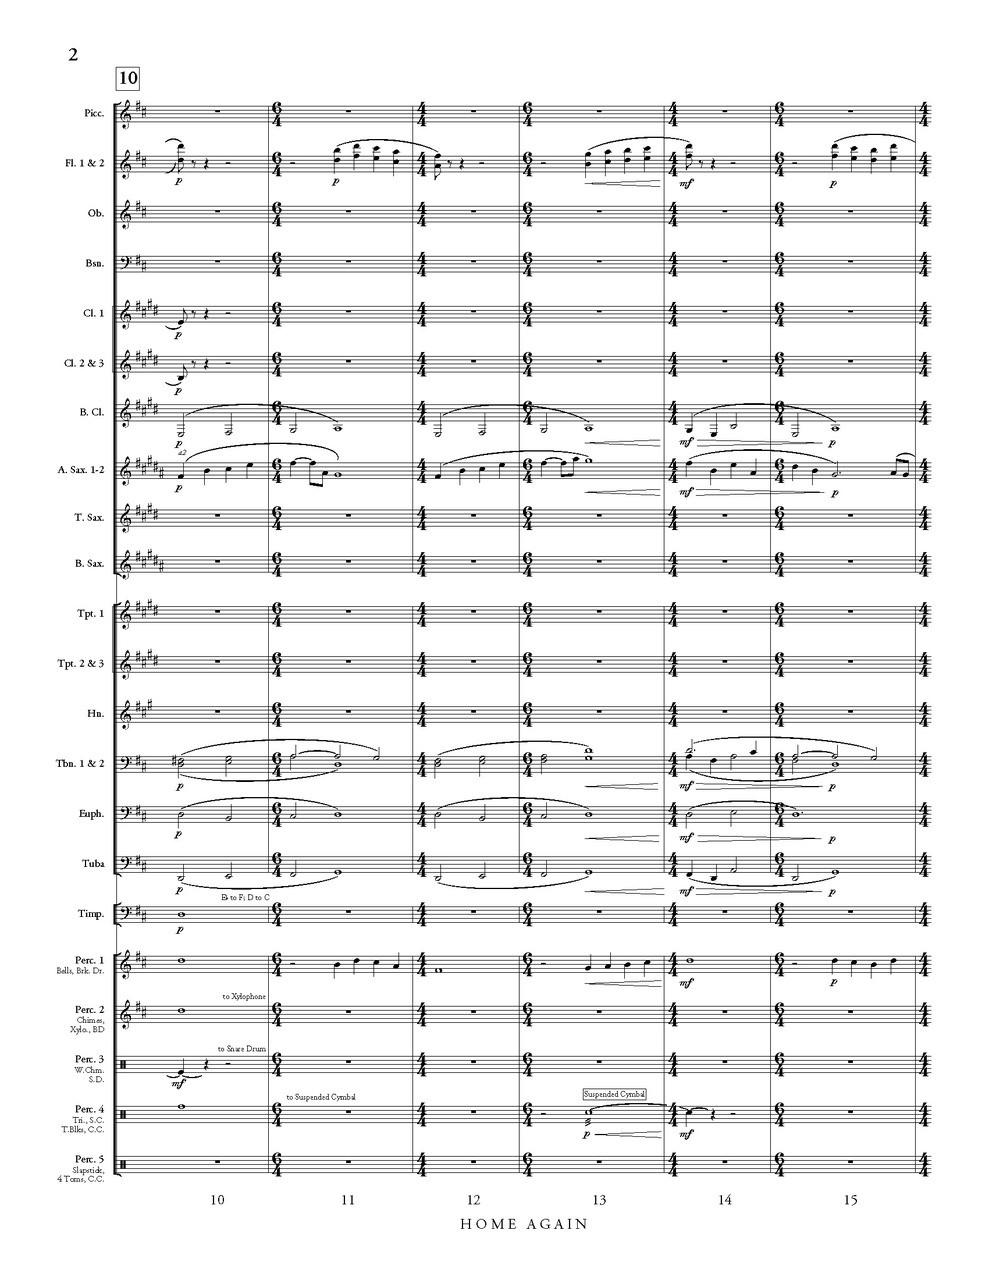 Home Again (concert band gr. 3.5) - David R. Gillingham